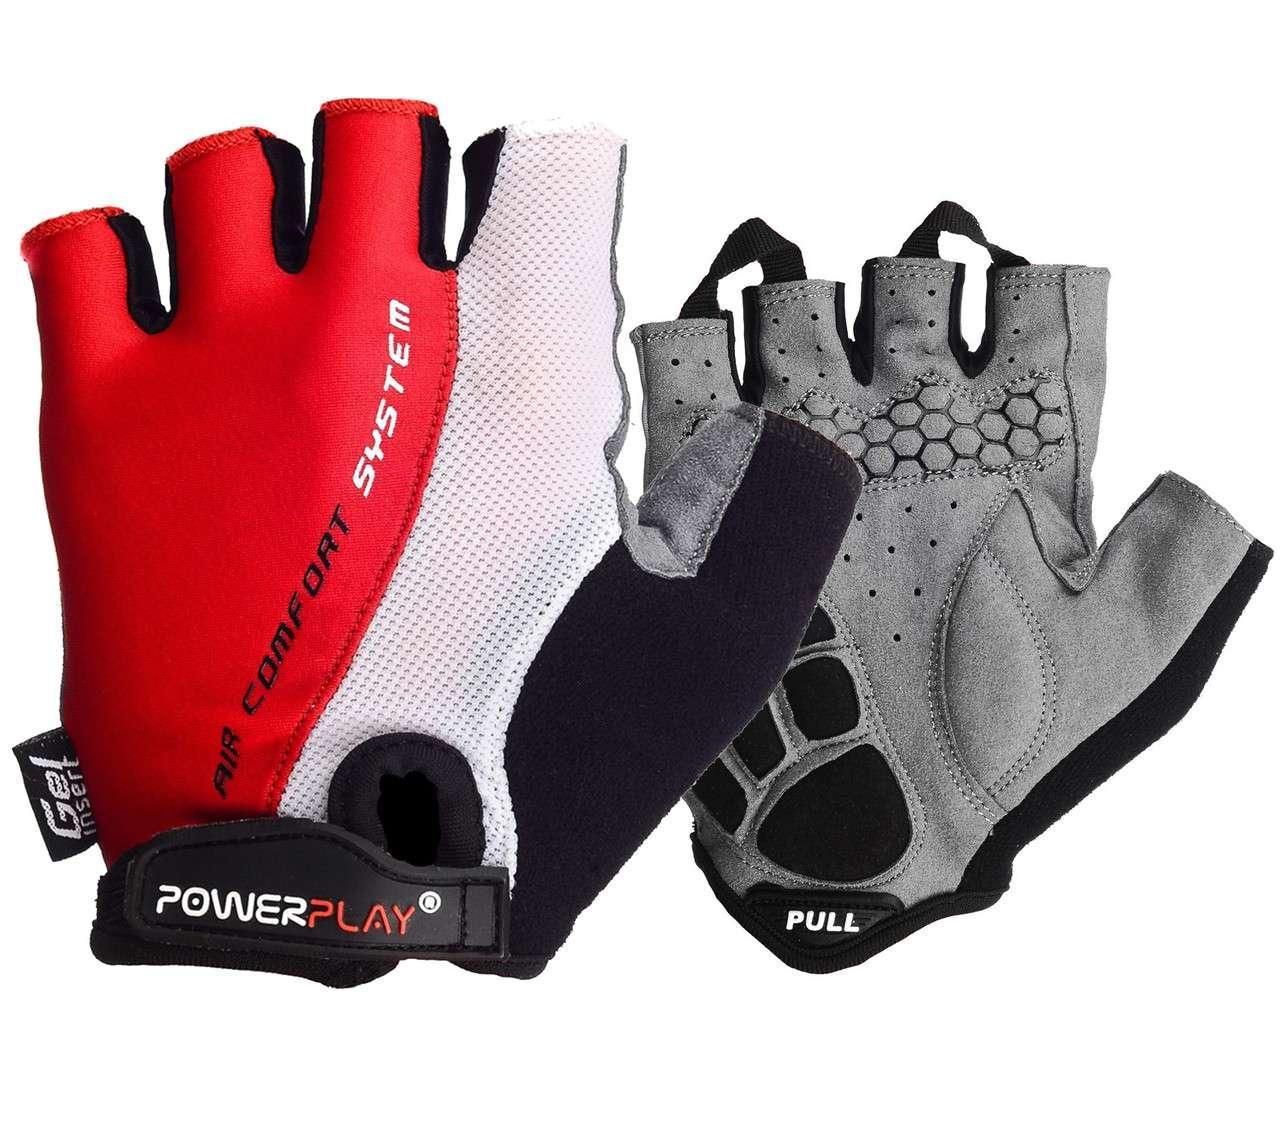 Велорукавички PowerPlay 5010 D Біло-червоні XS - 144726